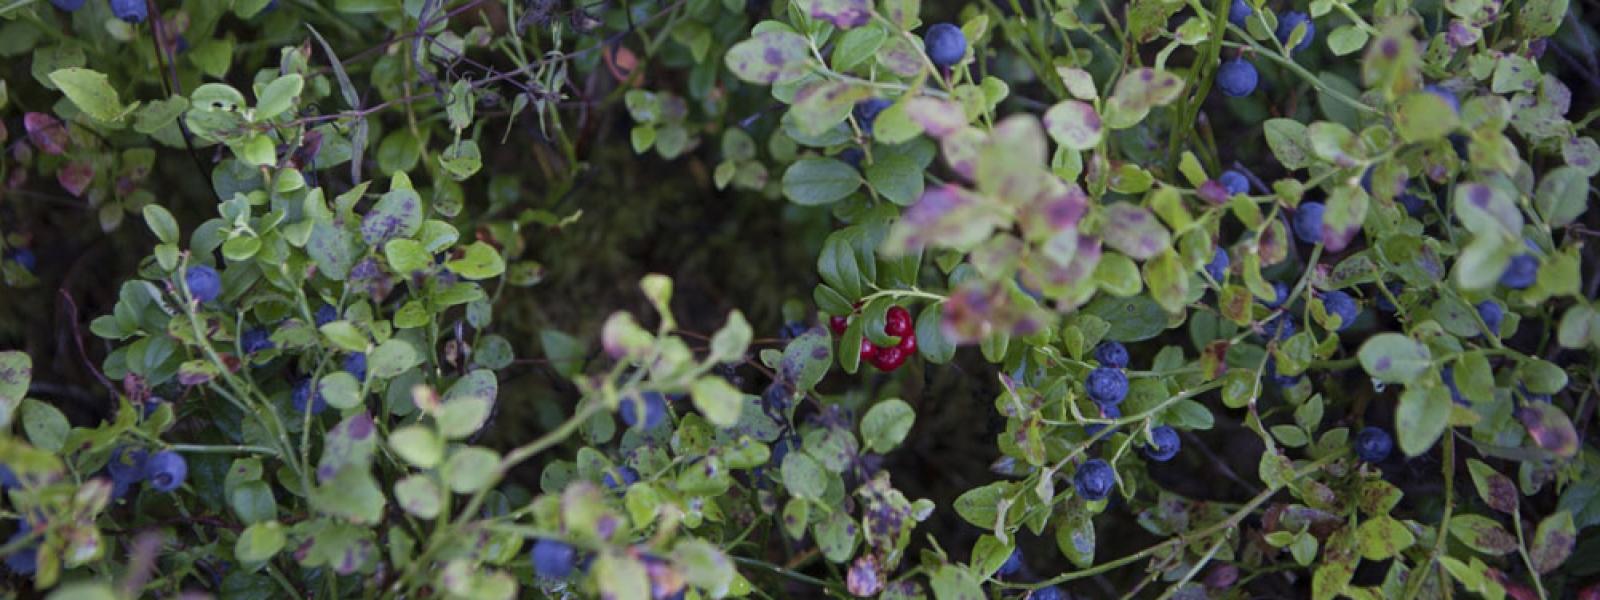 En tur till blåbärsskogen